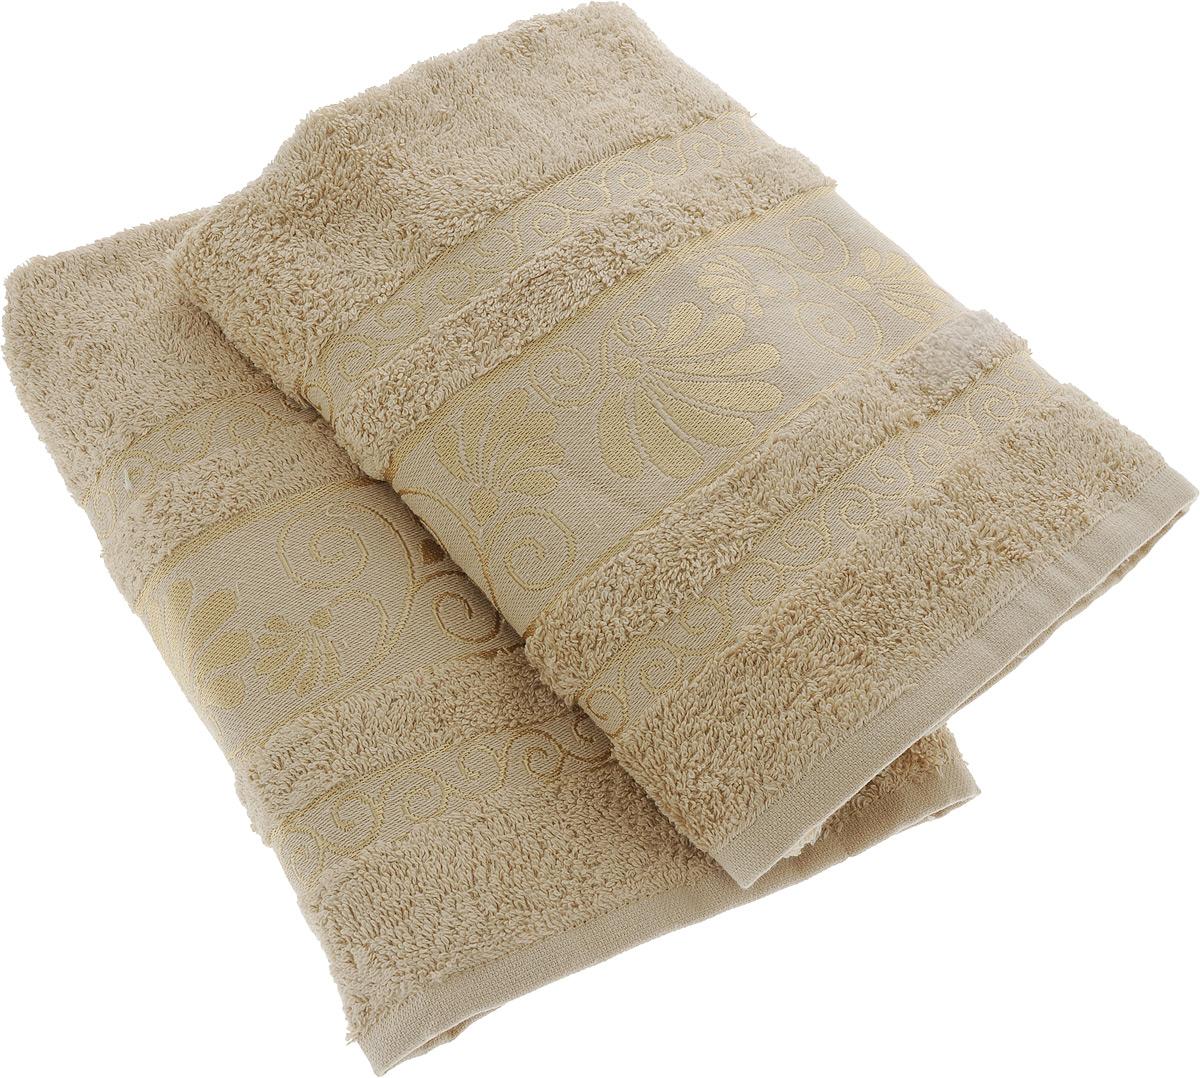 Набор махровых полотенец Aisha Home Textile Цветы, цвет: бежевый, 50 х 90 см, 2 шт531-105Набор Aisha Home Textile Цветы состоит из двух махровых полотенец, выполненных из 100% хлопка. Изделия отличаются мягкостью и гигроскопичностью, быстро сохнут, при соблюдении рекомендаций по уходу не линяют и не теряют форму даже после многократных стирок. Линейка Цветы создавалась специально для женщин. Полотенца декорированы бордюром с растительным мотивом и выполнены в нежнейших тонах. Махровые полотенца Цветы станут прекрасным дополнением дизайна ванной комнаты и подарят мягкость и уют своей хозяйке. Полотенца упакованы в подарочную коробку.